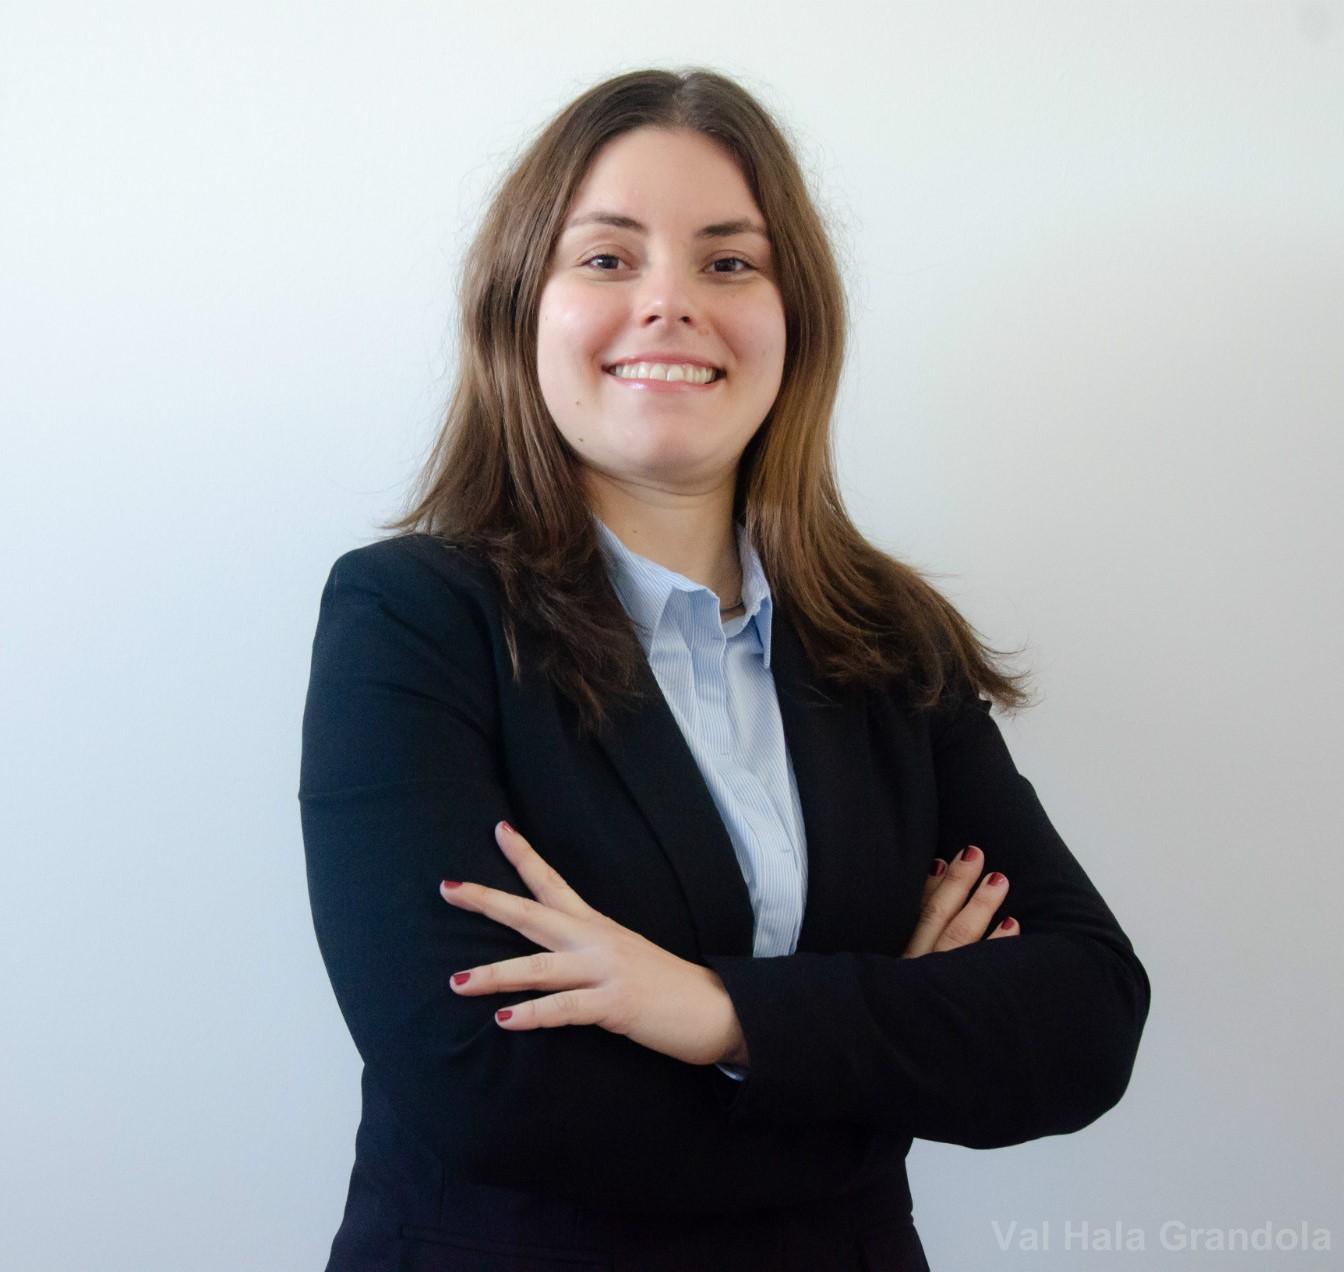 Carla Ponte